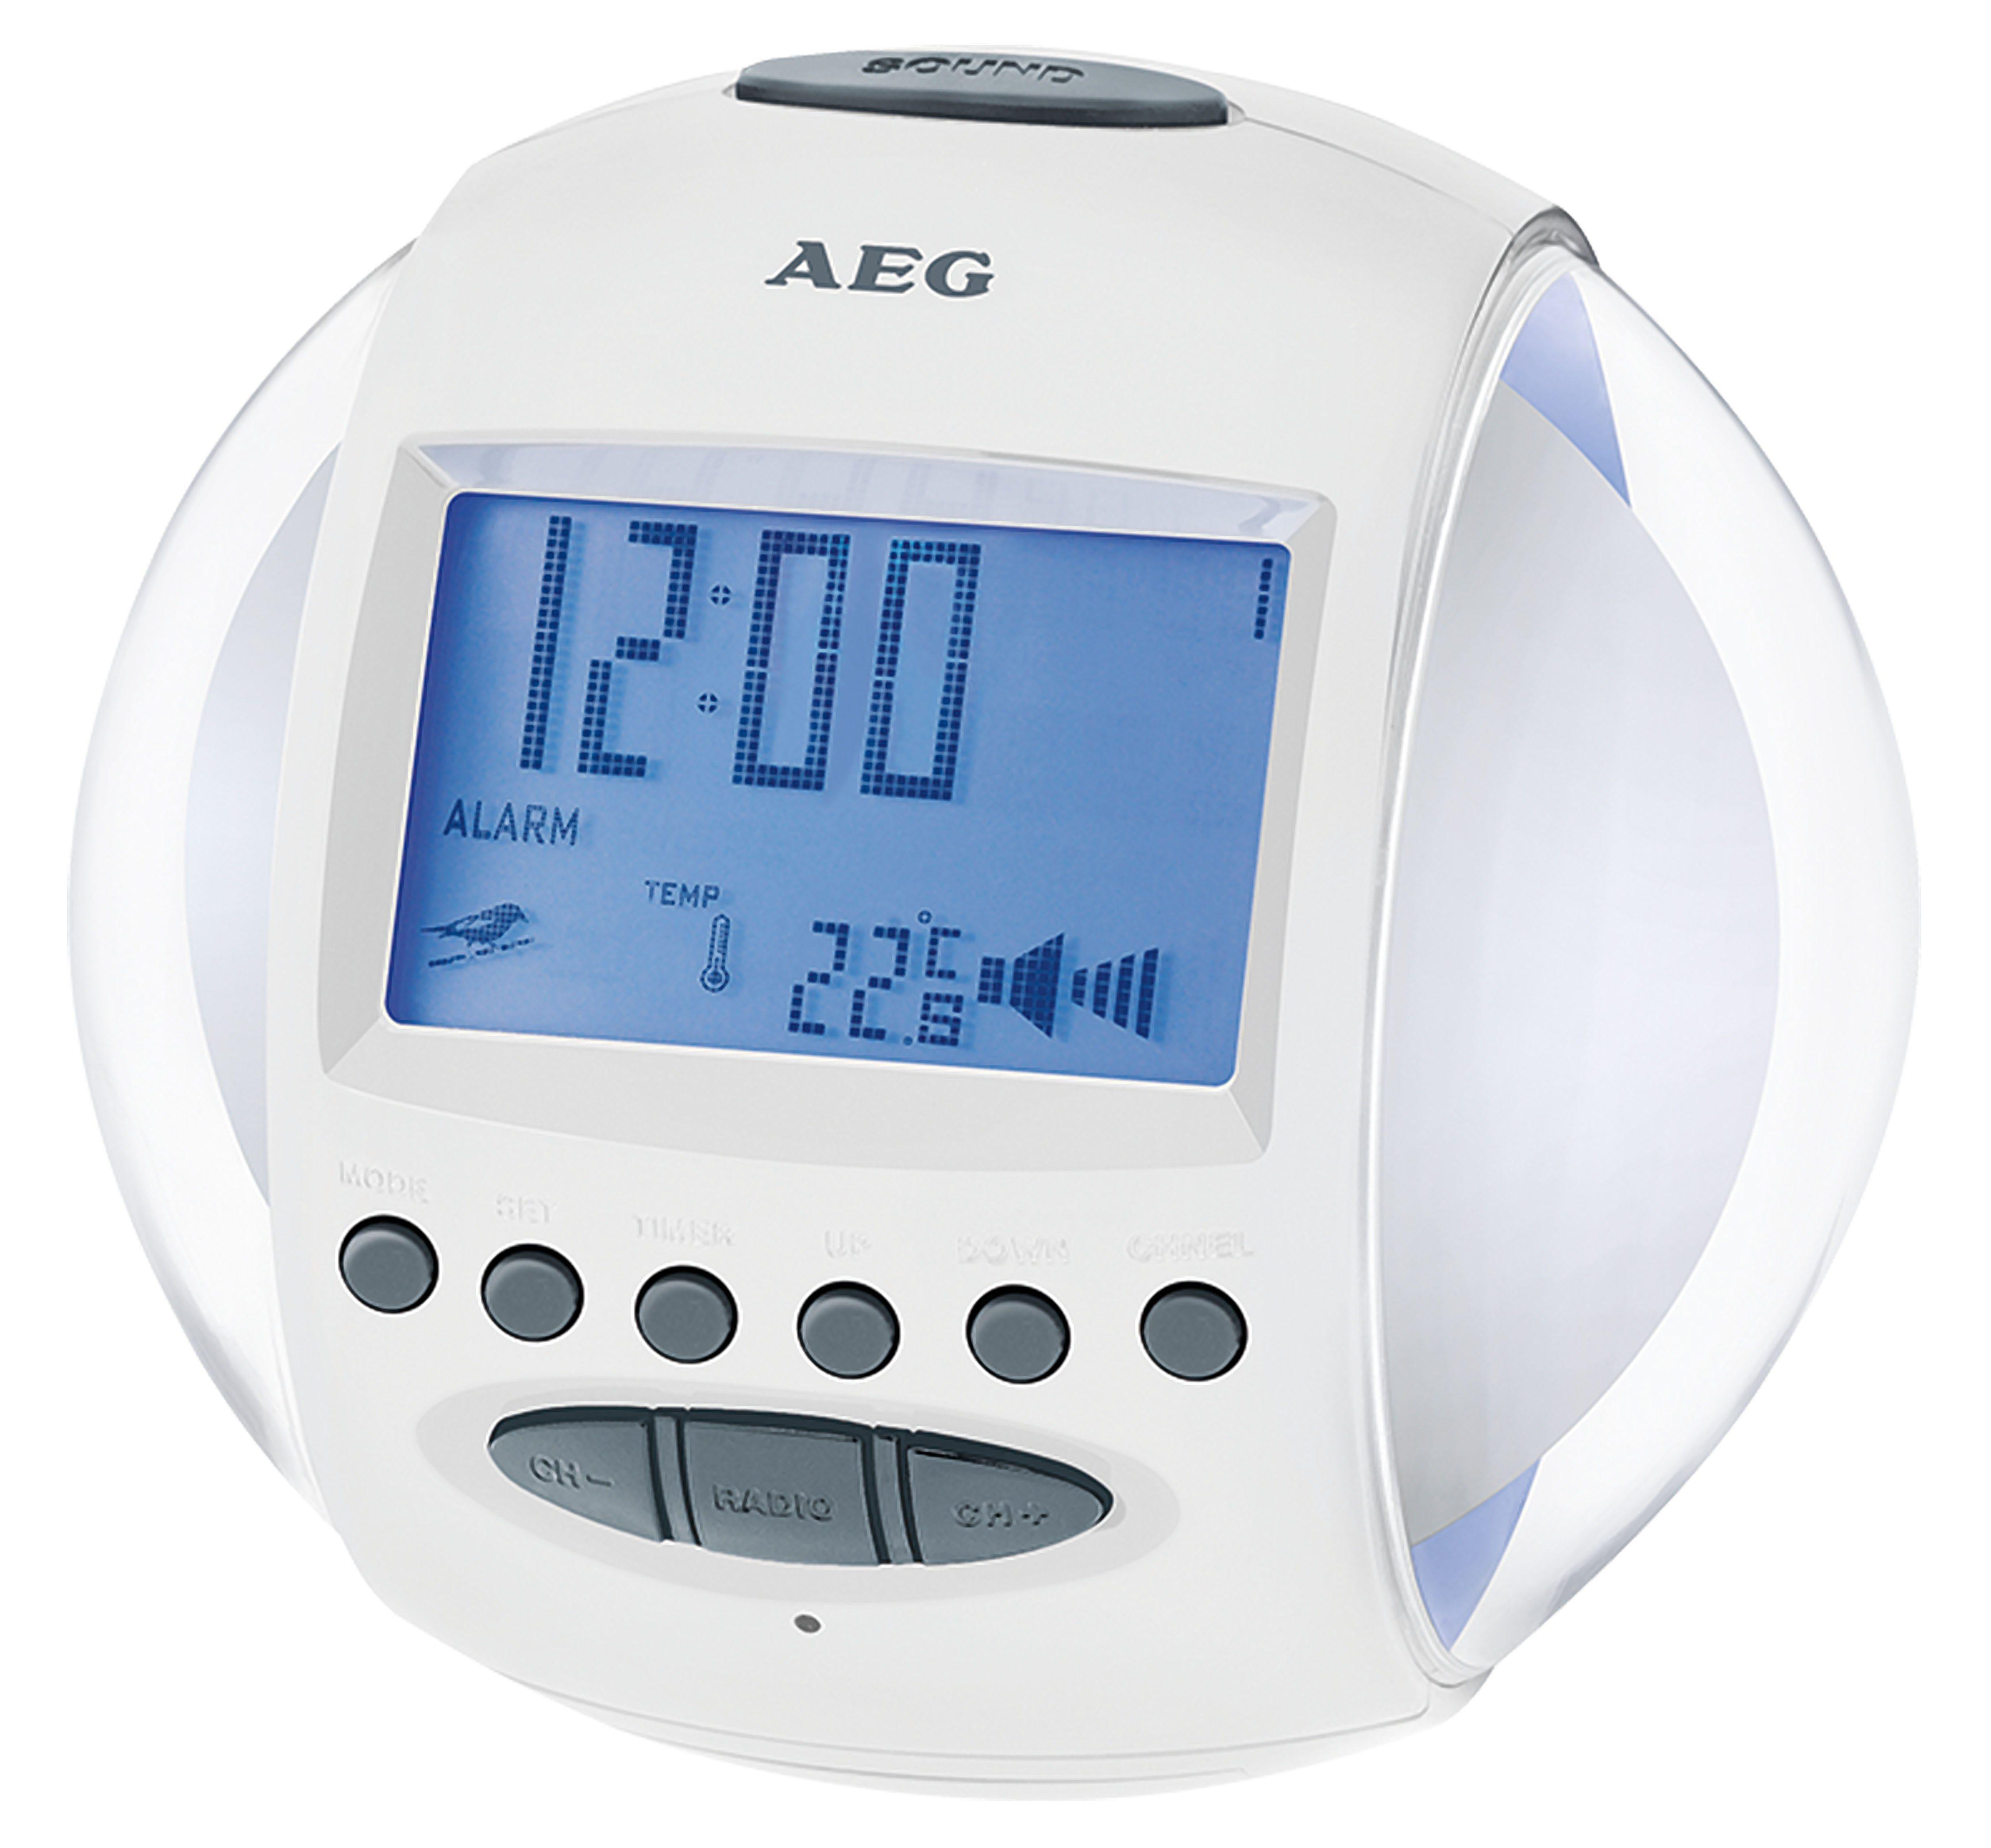 AEG UKW Uhrenradio mit Datums-und Temperaturanzeige »MRC 4117«